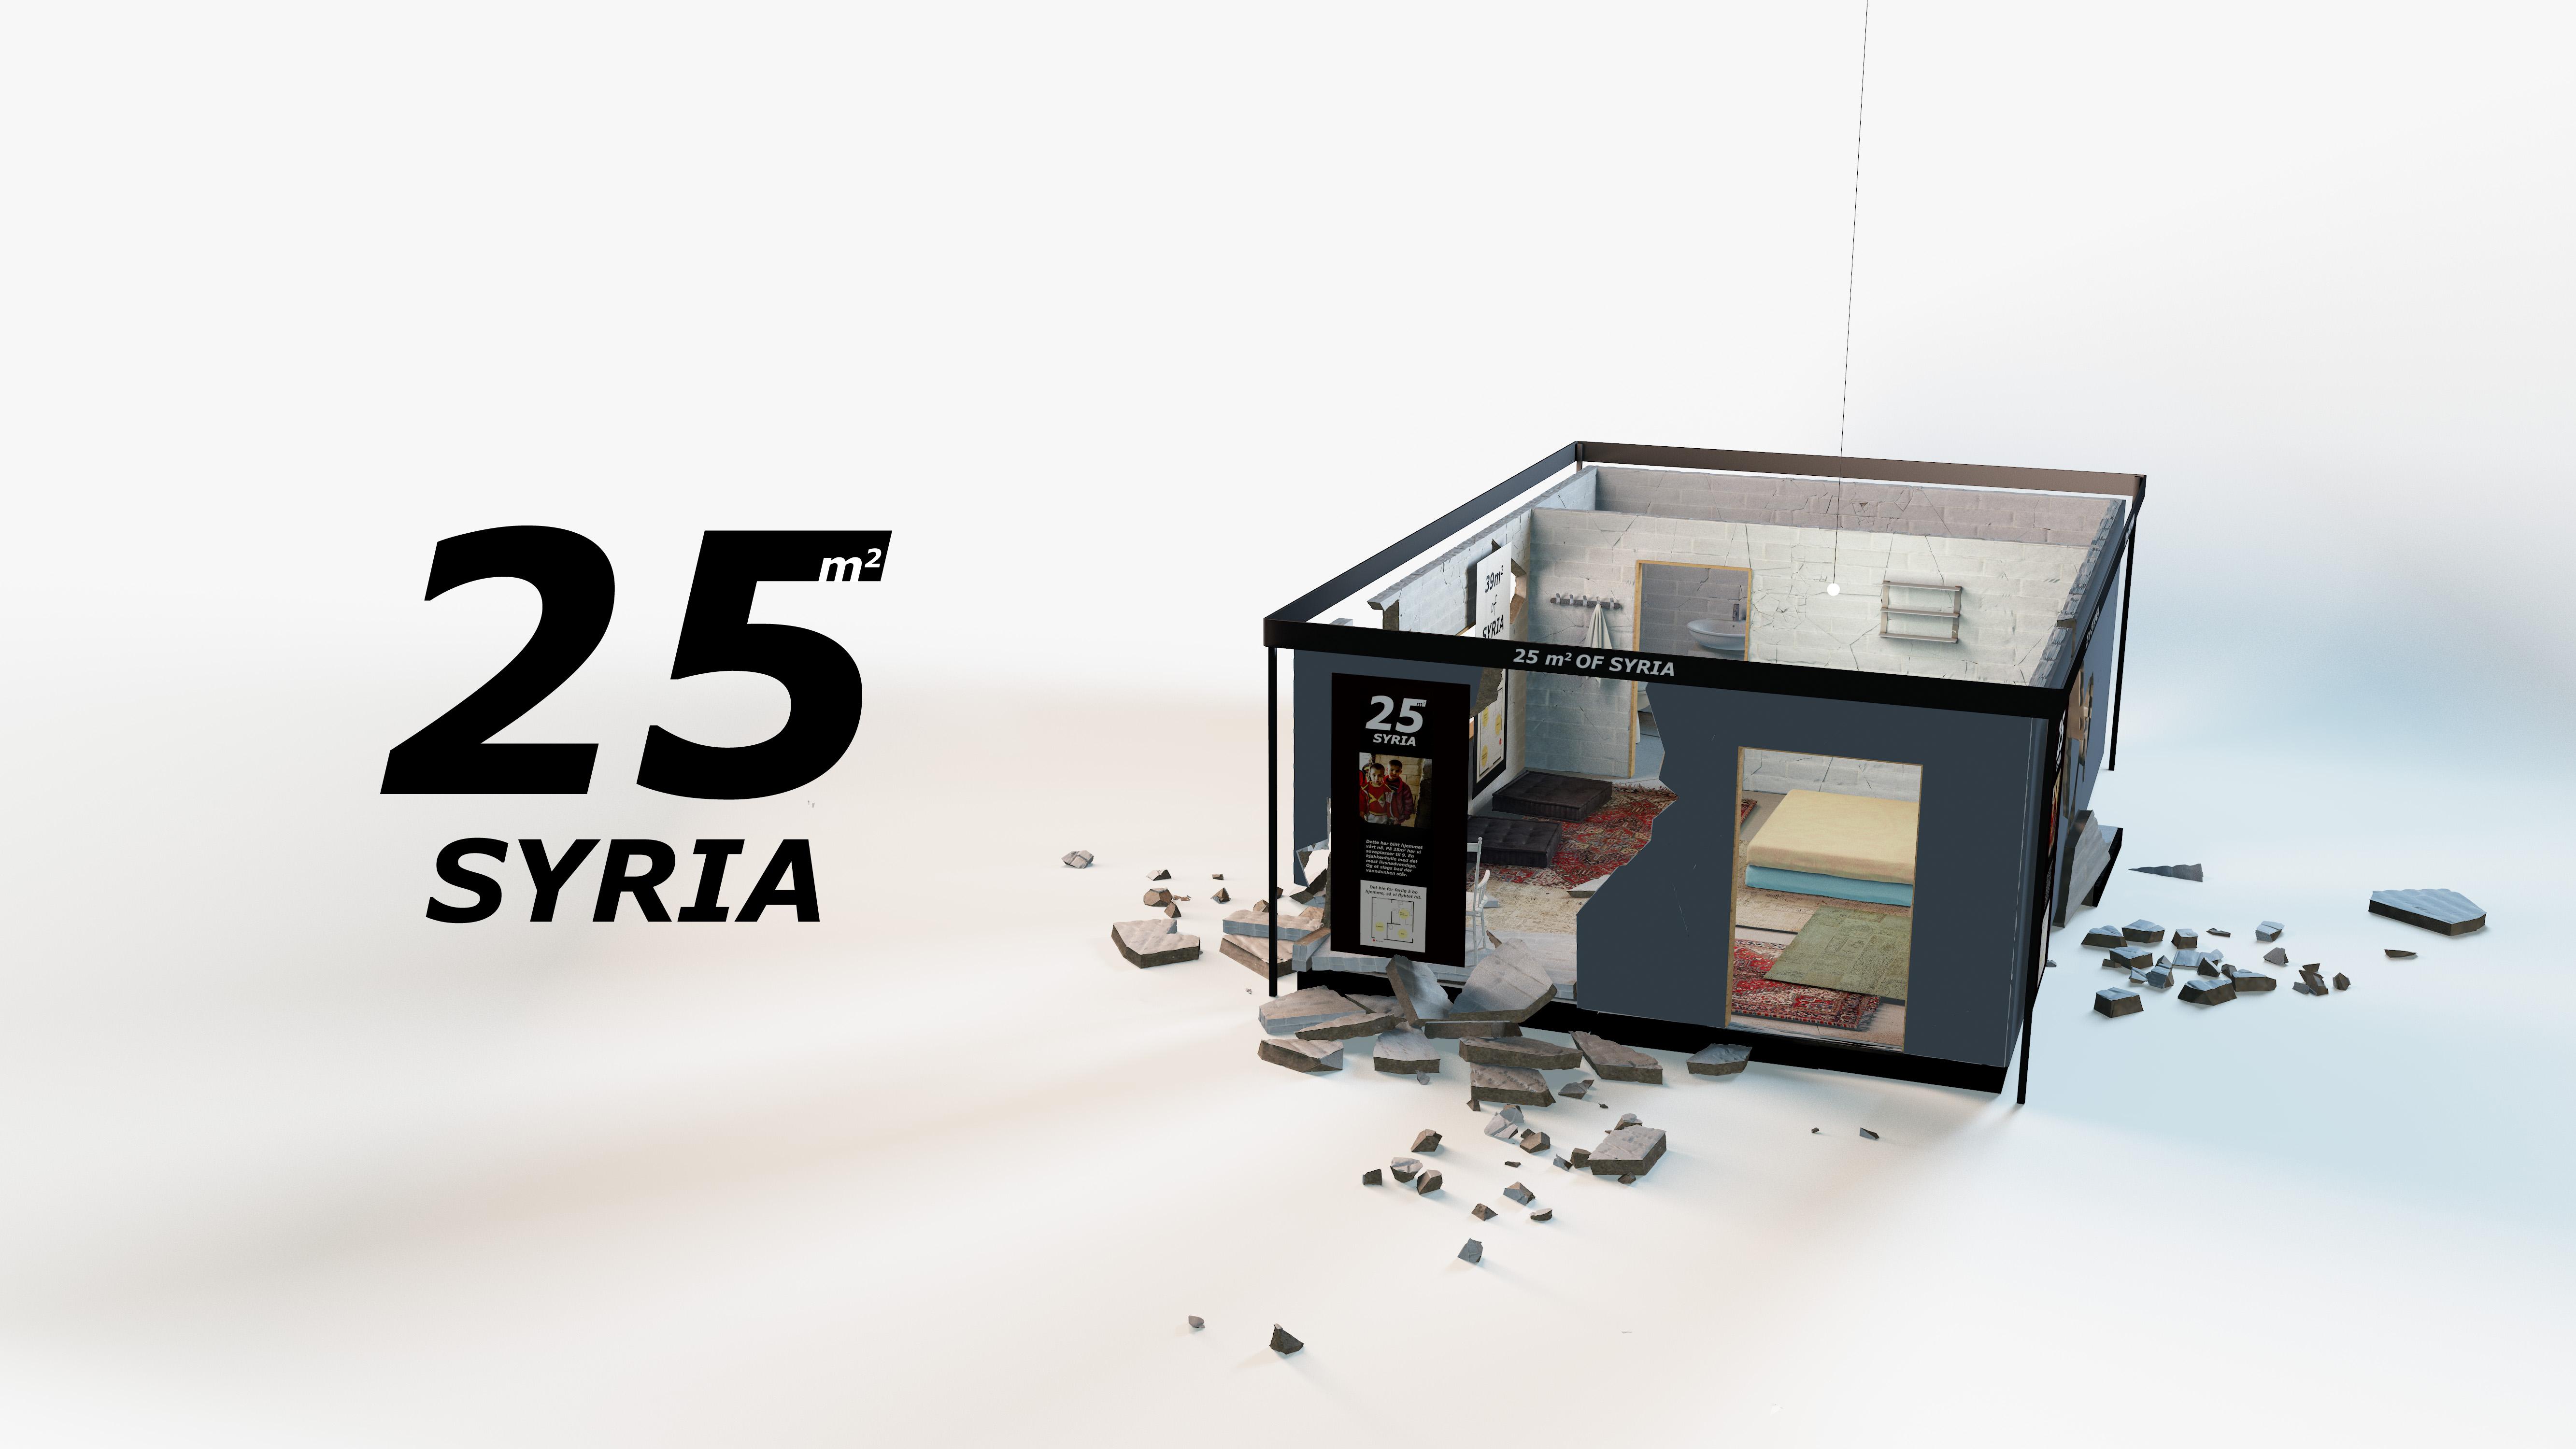 Thumbnail for 25m2 Syria